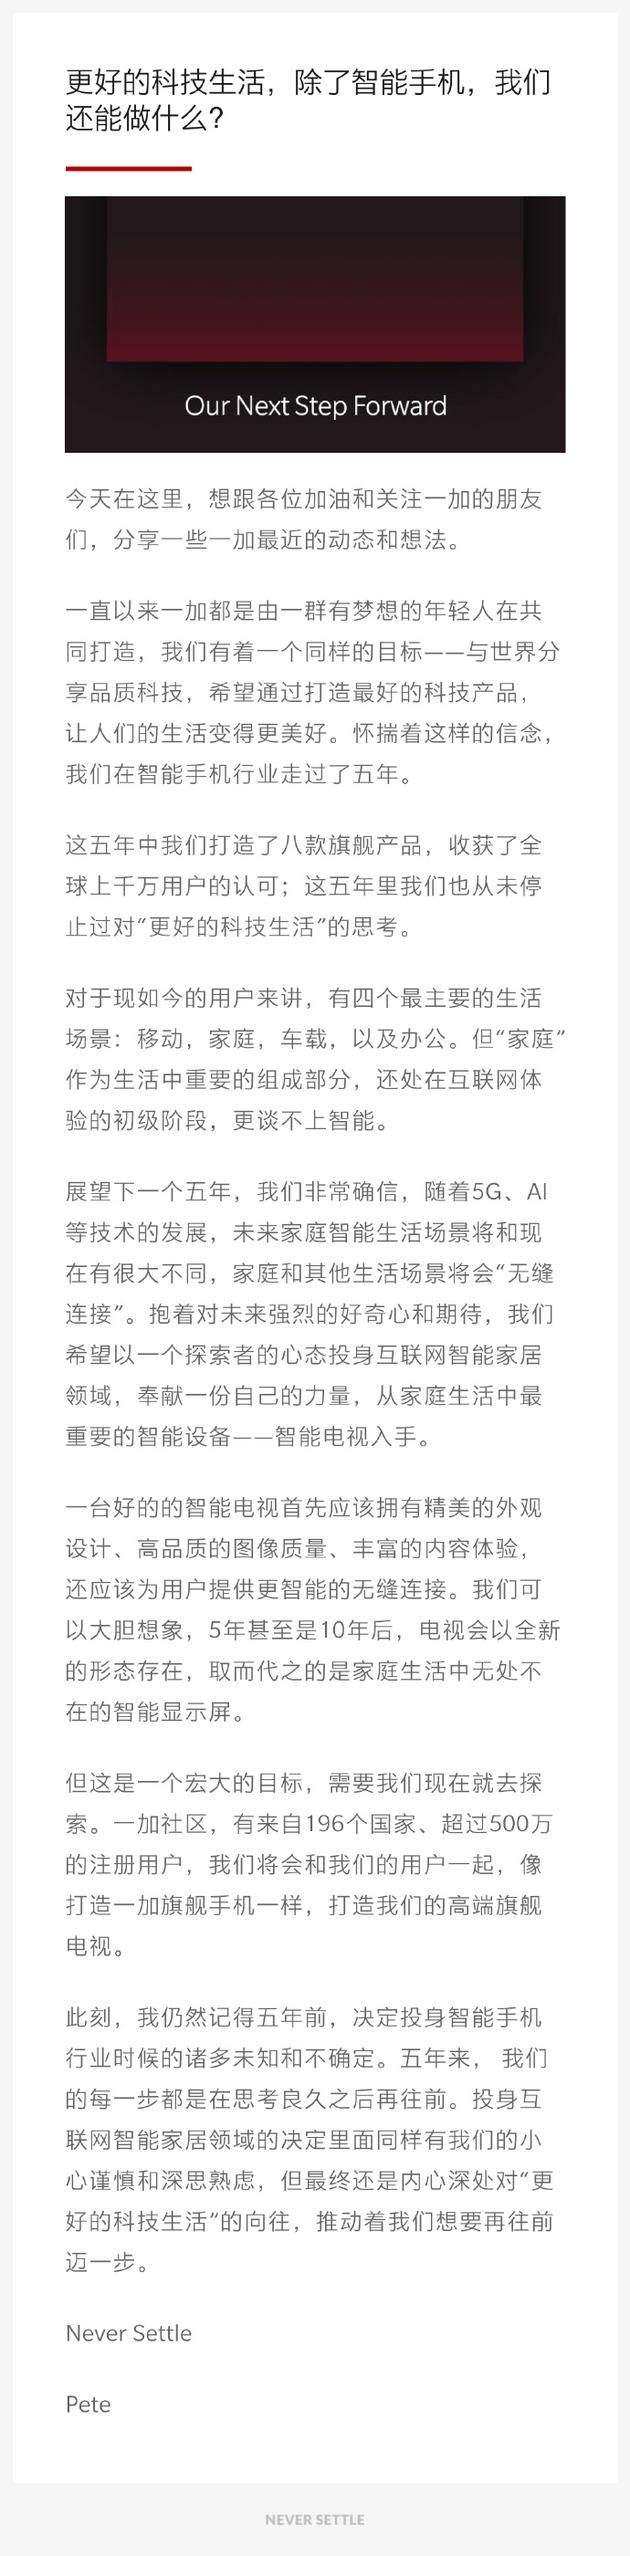 一加CEO刘作虎宣布进军智能家居 将发布智能电视